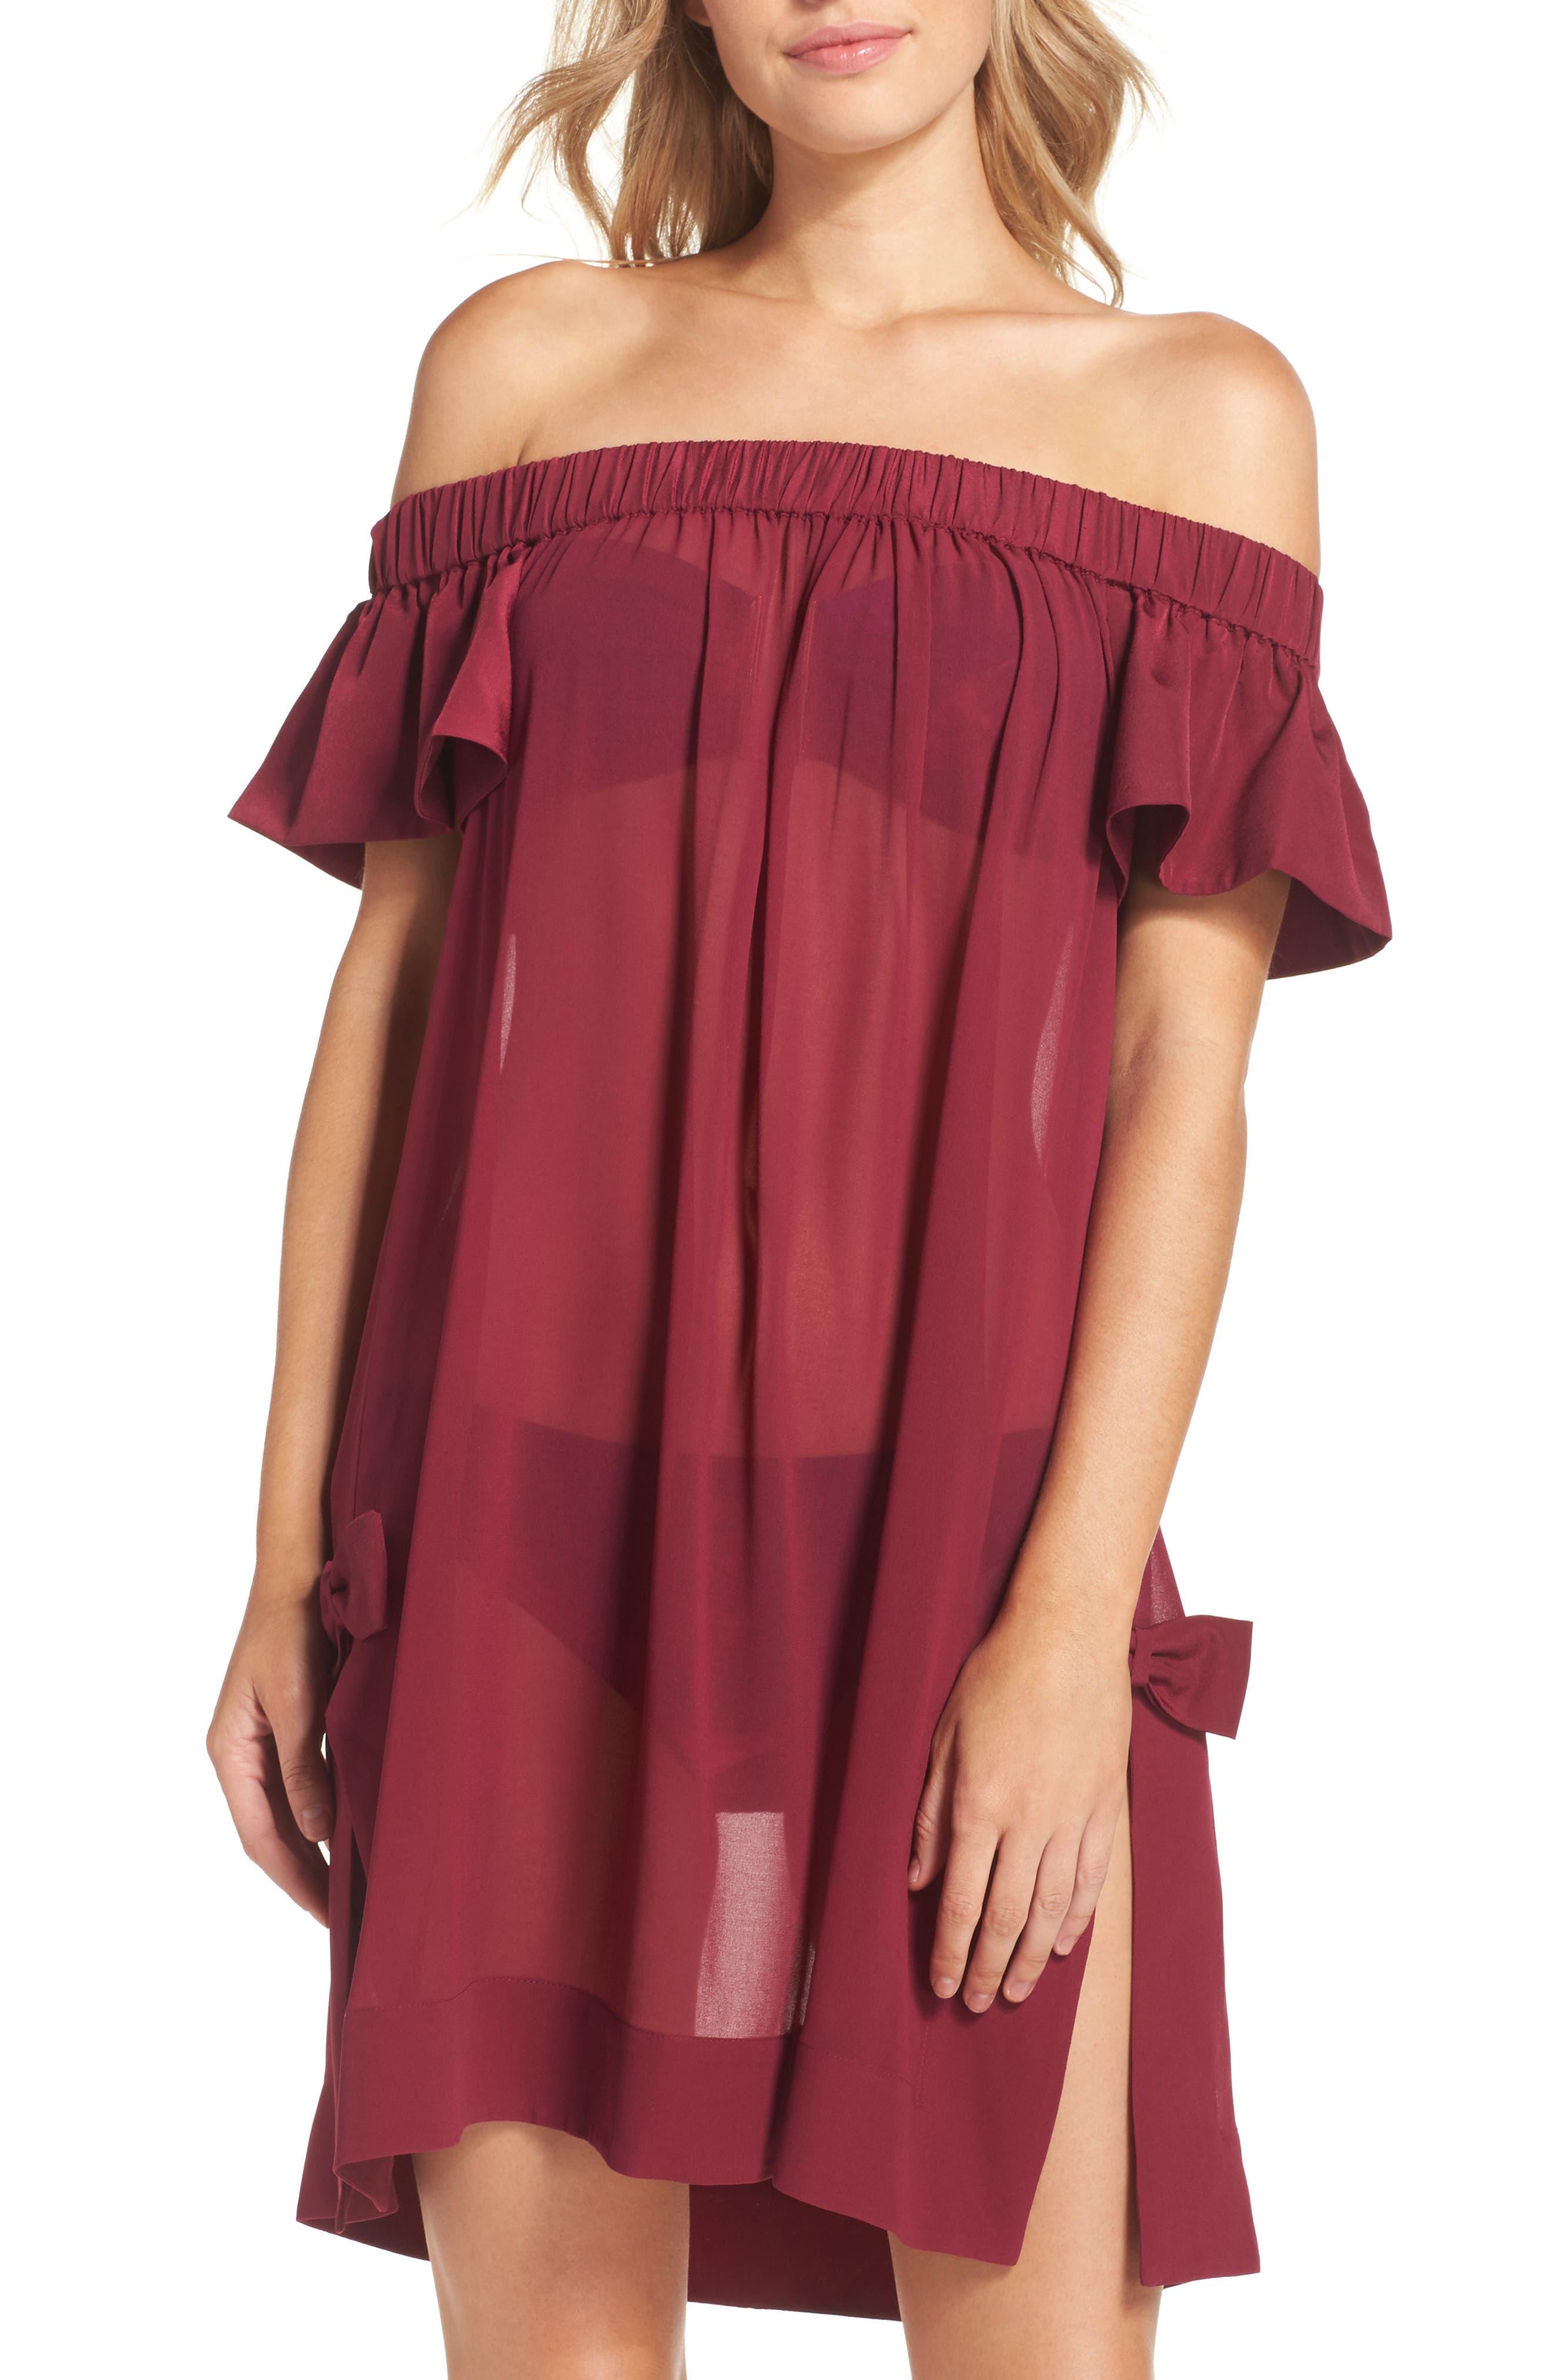 Anete Bardot Cover-Up Dress,                             Main thumbnail 1, color,                             501